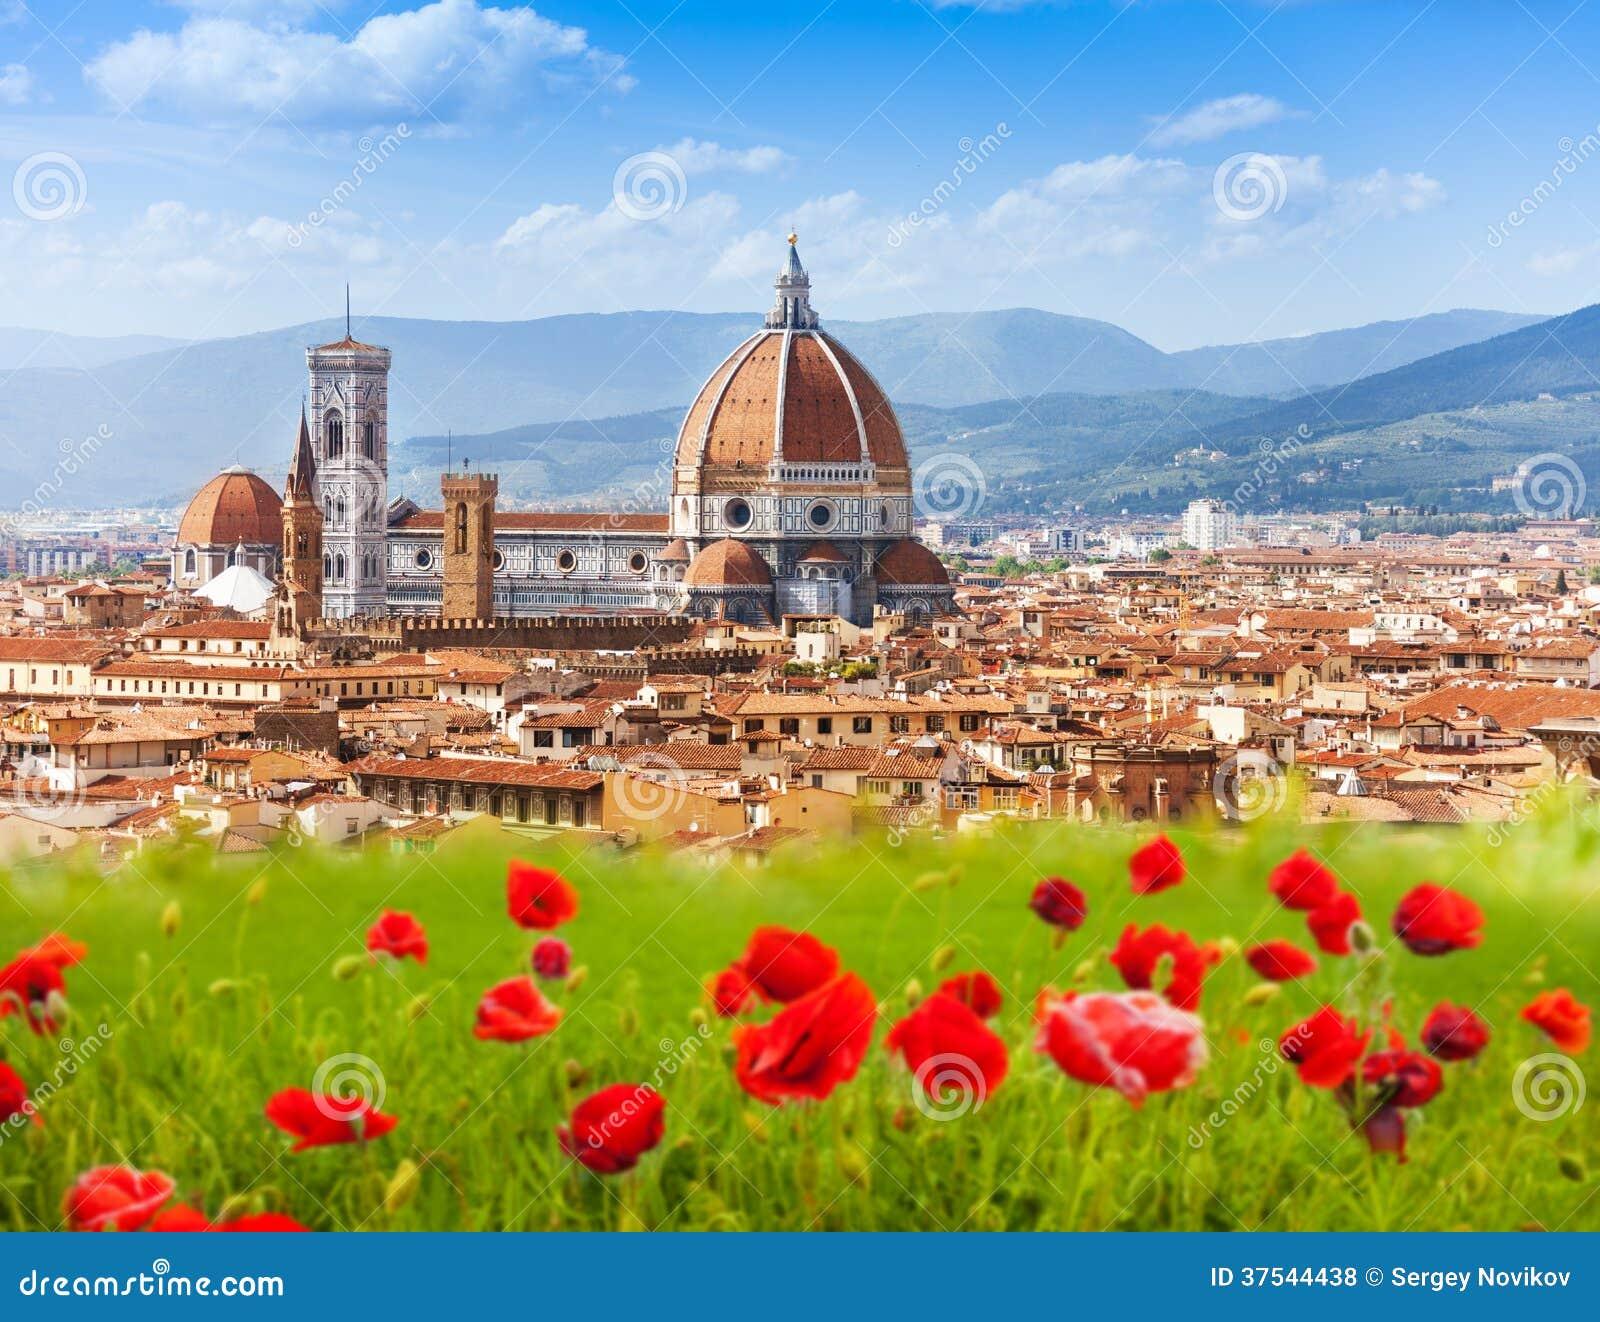 Καμπαναριό της Φλωρεντίας, Duomo και Giotto.